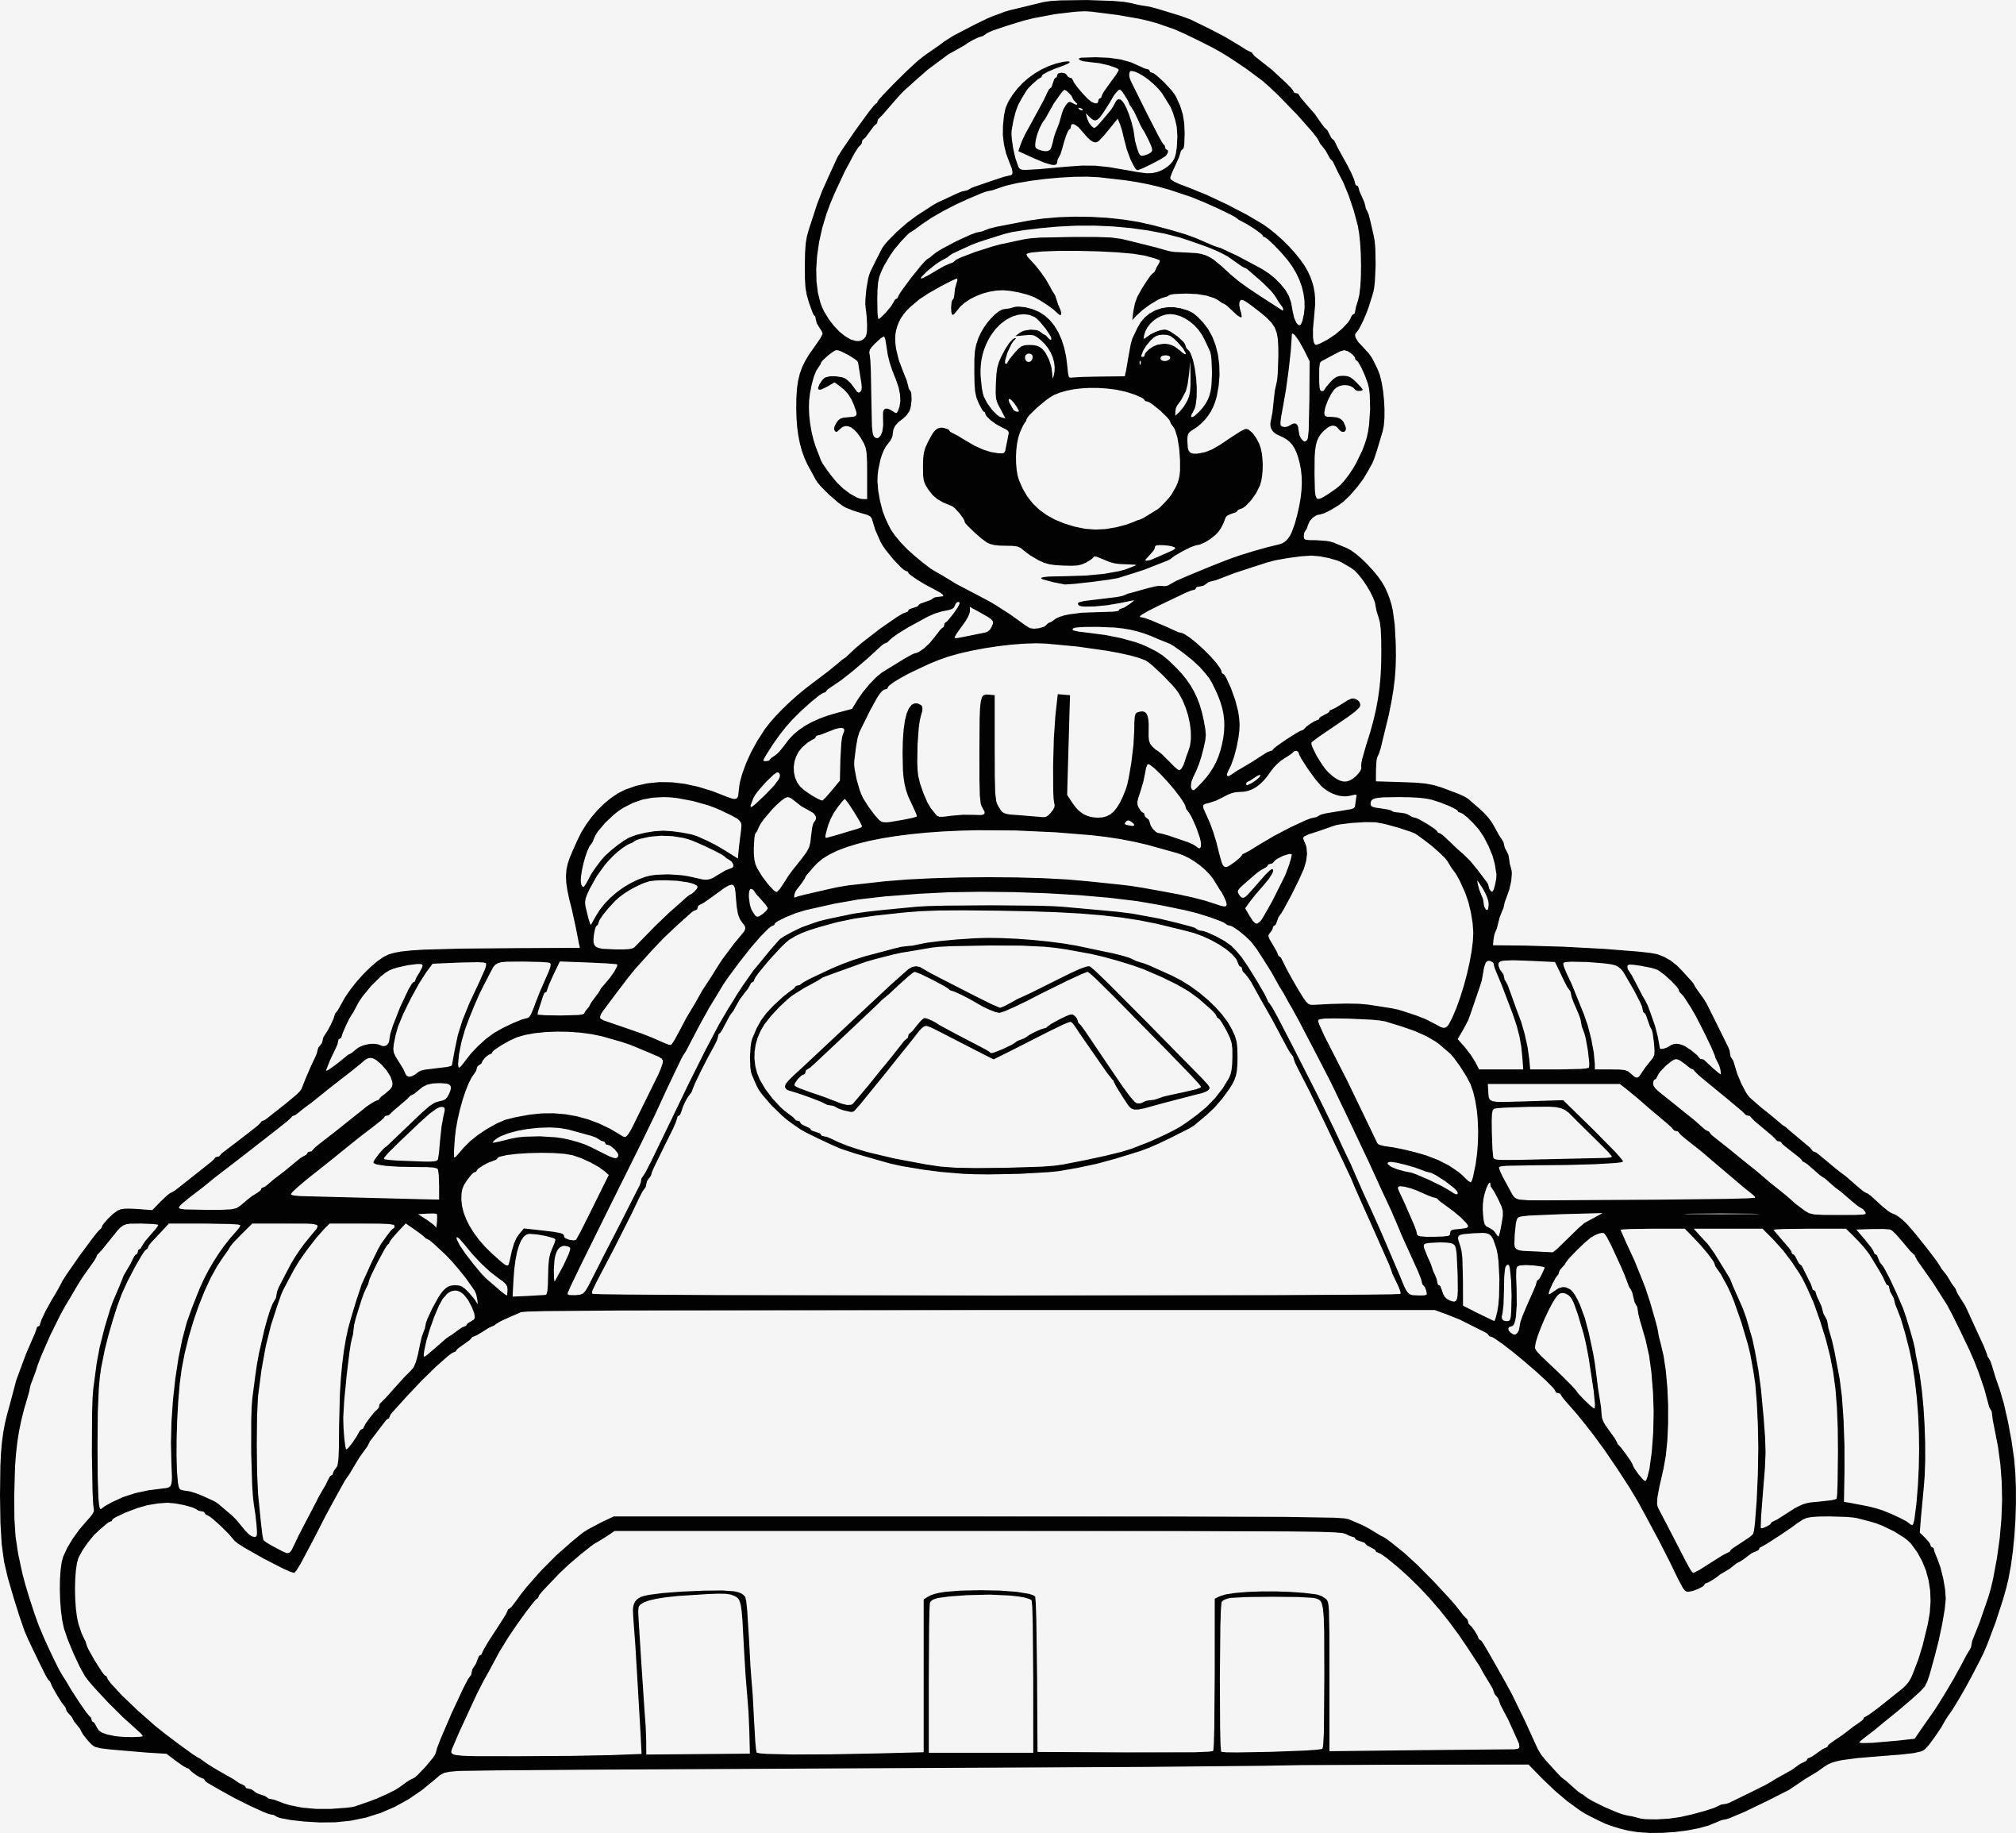 Super Mario Ausmalbilder Frisch Spannende Coloring Bilder Super Mario Malvorlagen Sammlung